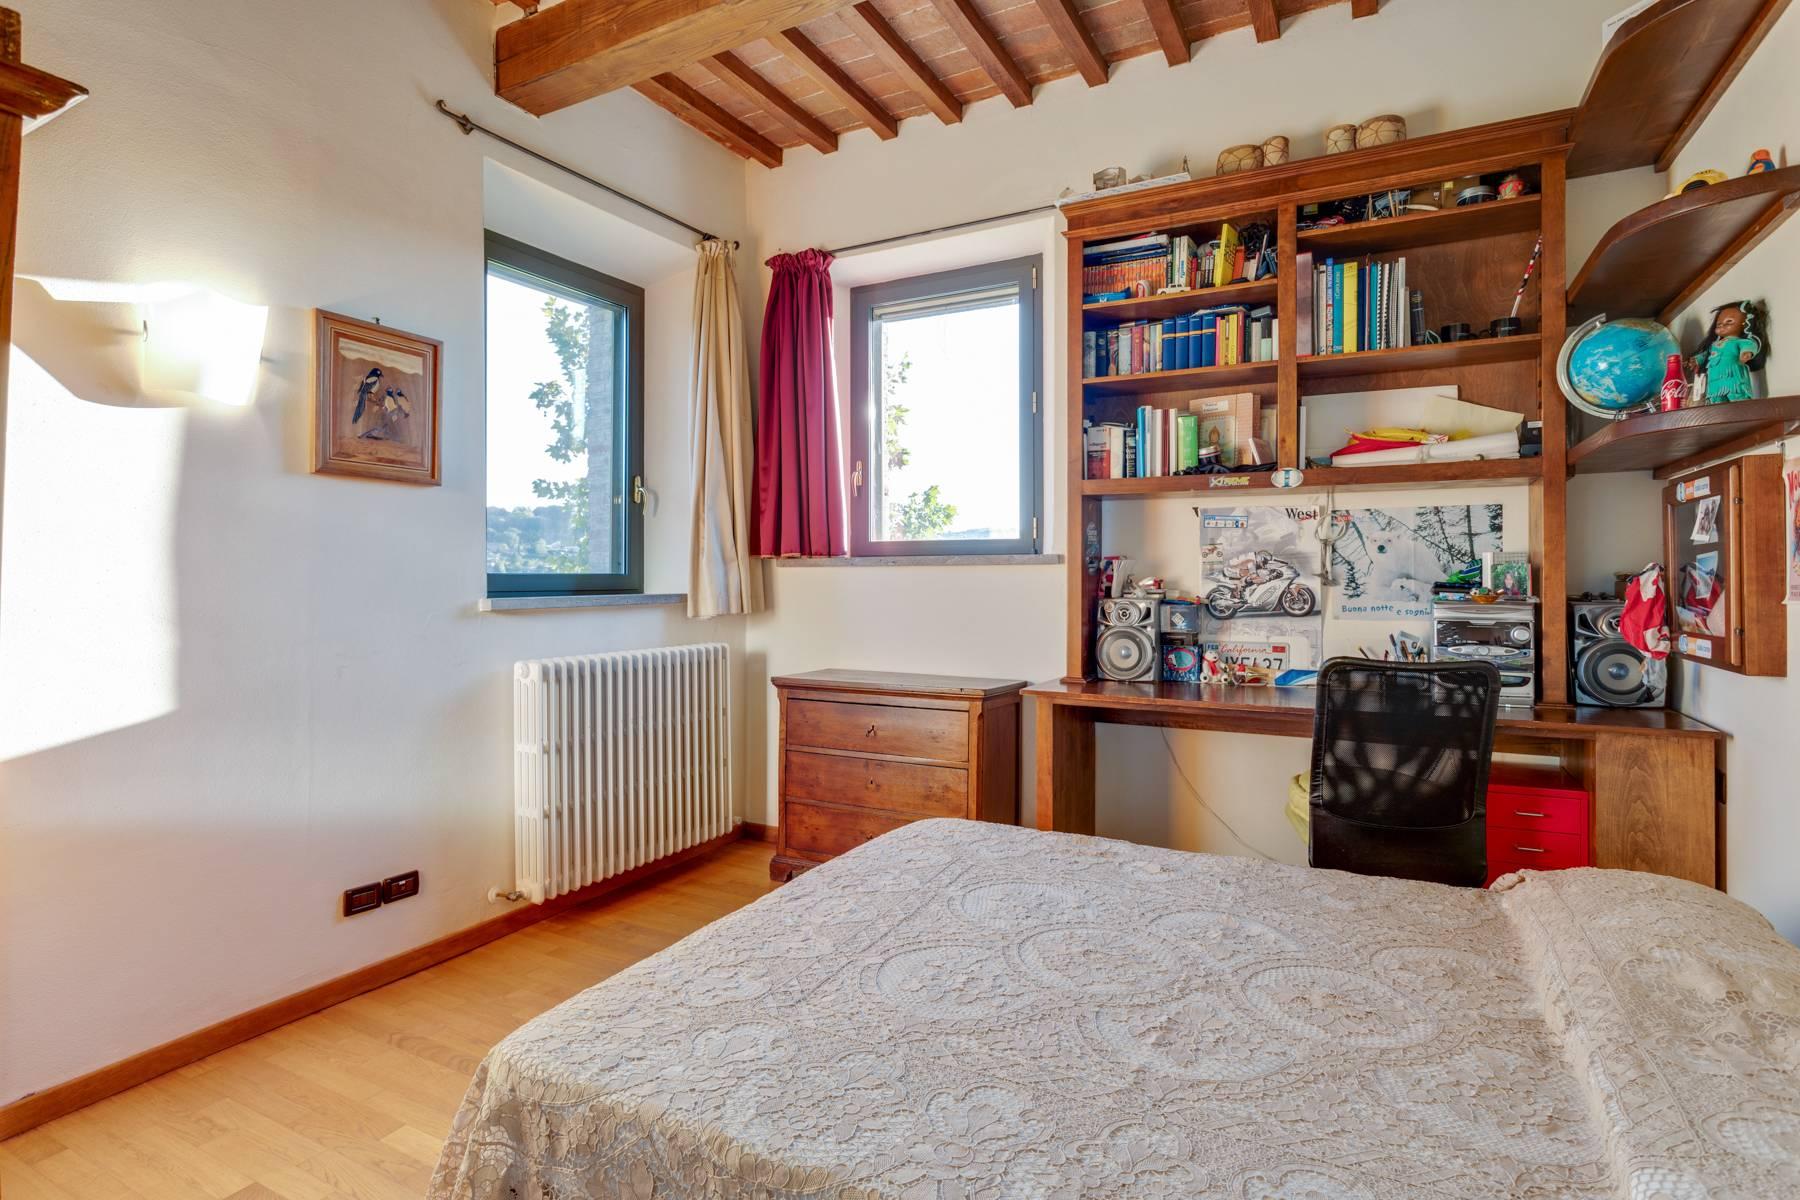 Rustico in Vendita a Montepulciano: 5 locali, 561 mq - Foto 16